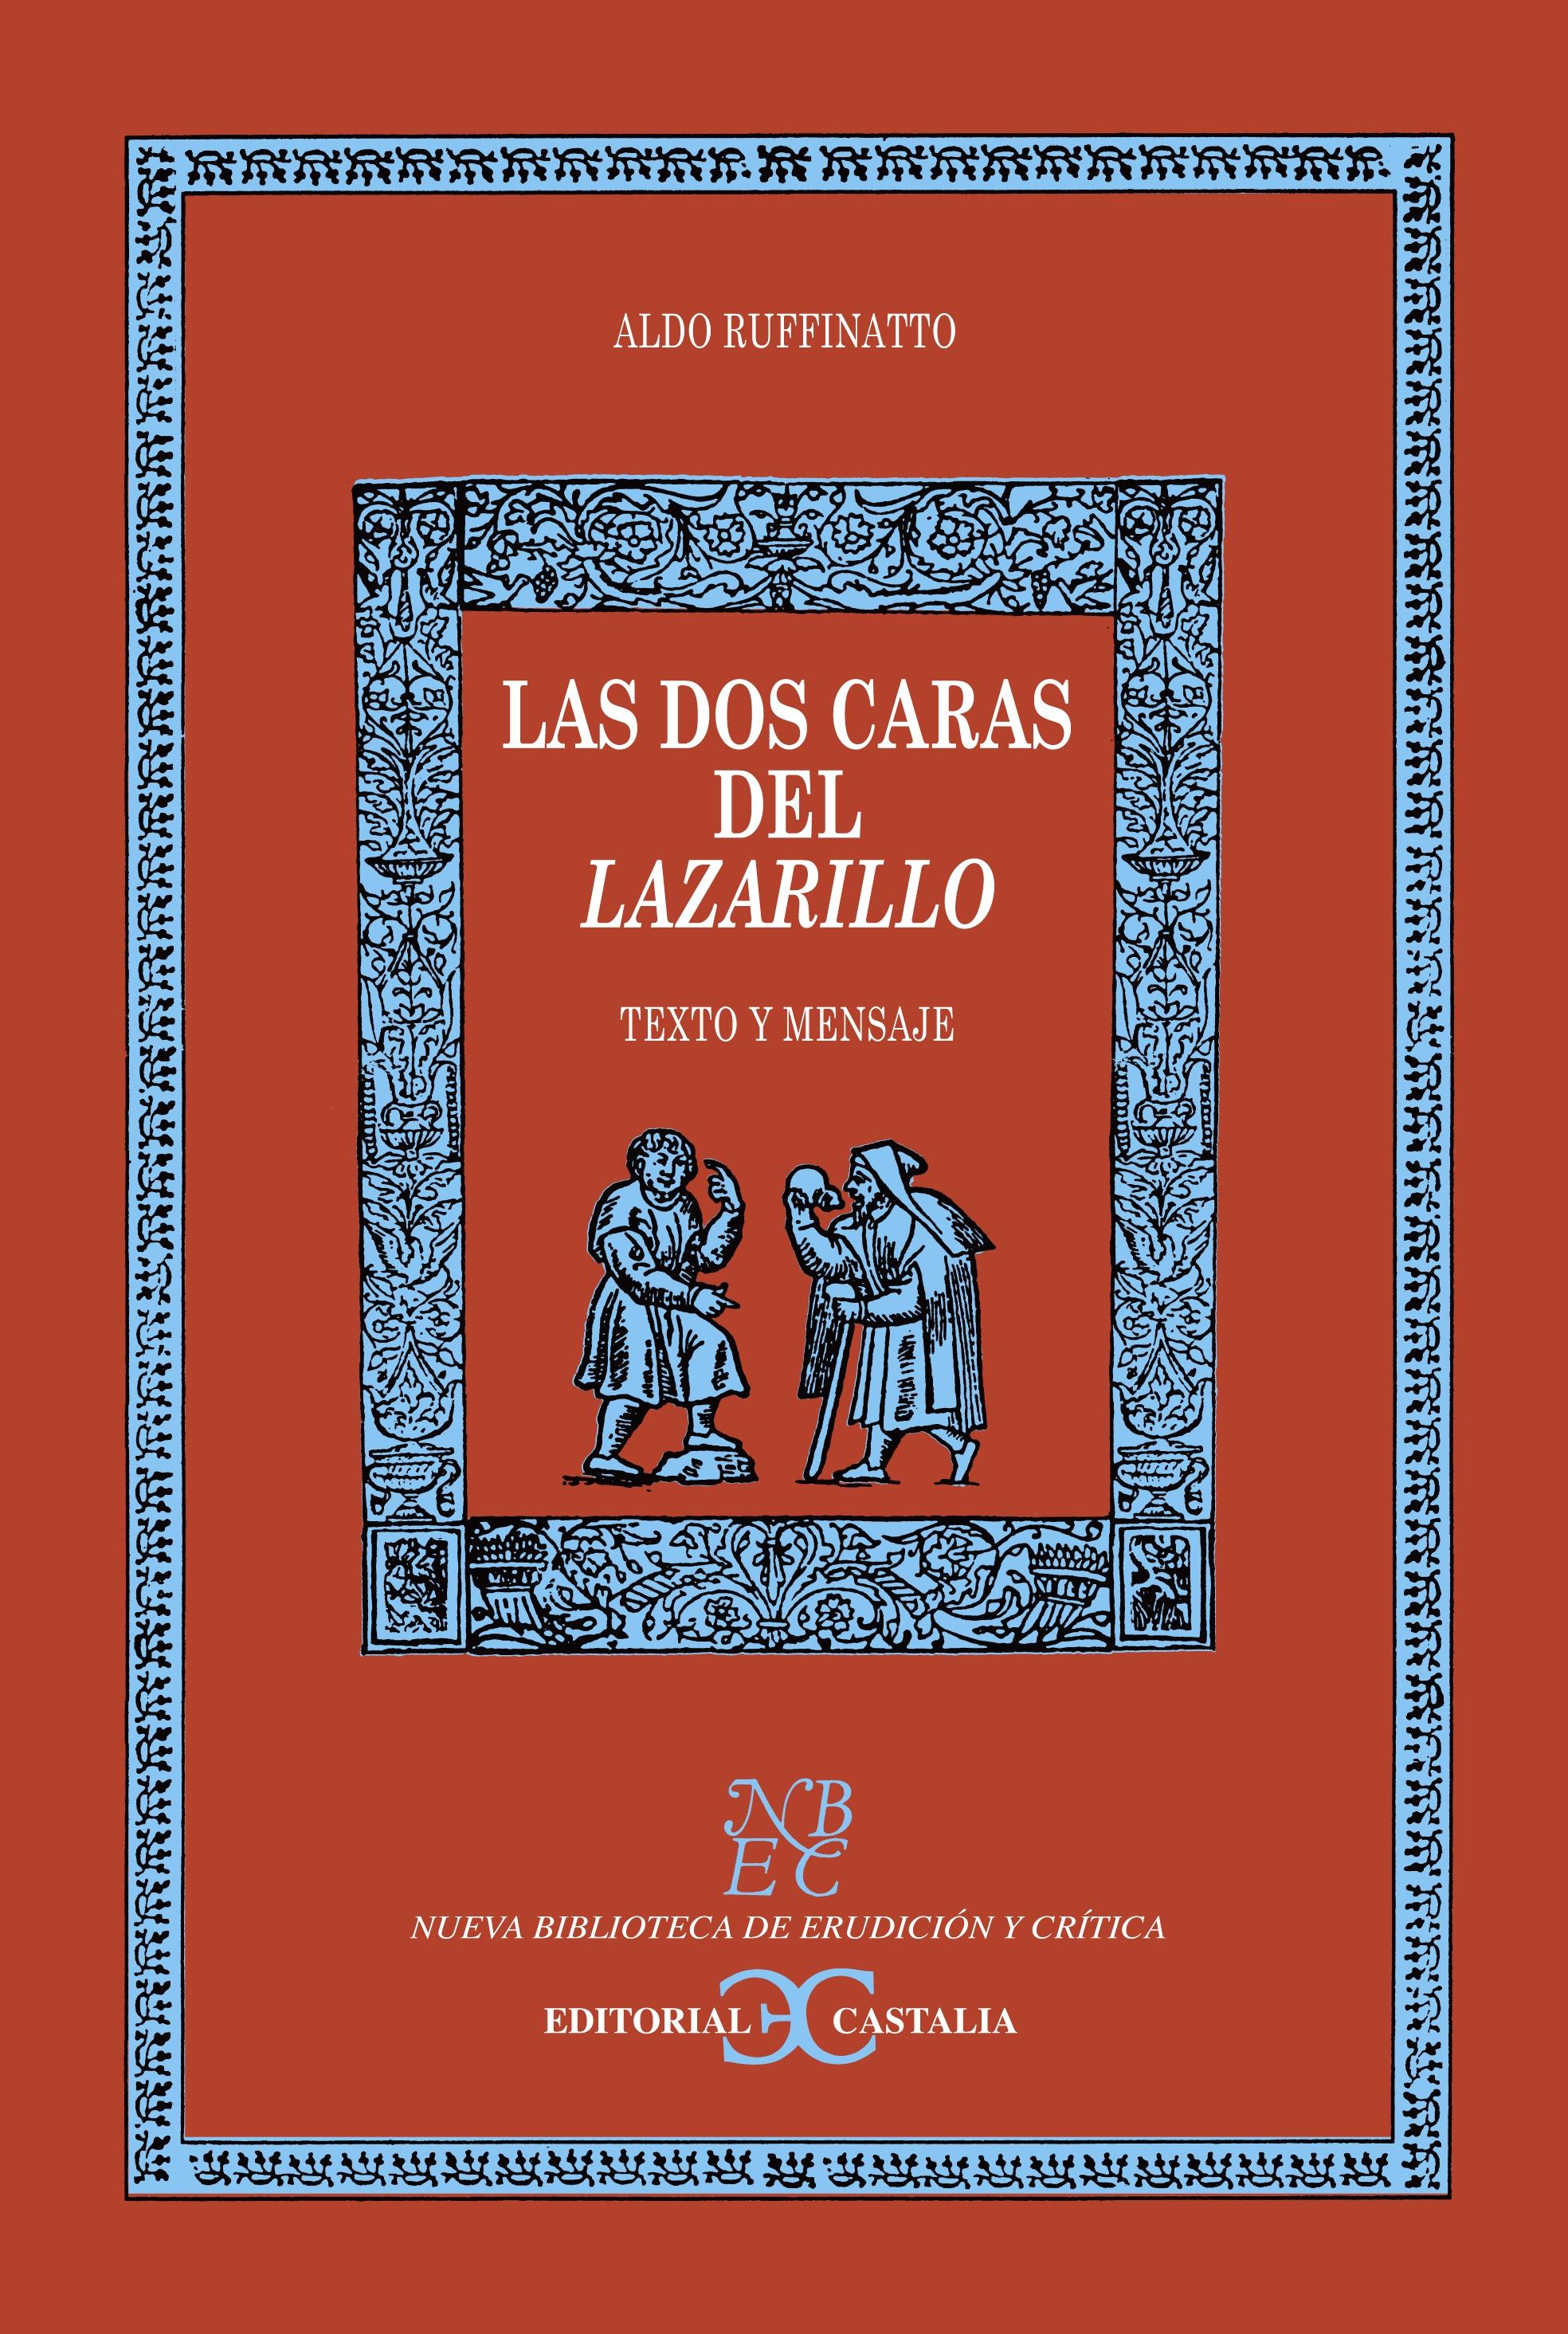 Las dos caras del Lazarillo